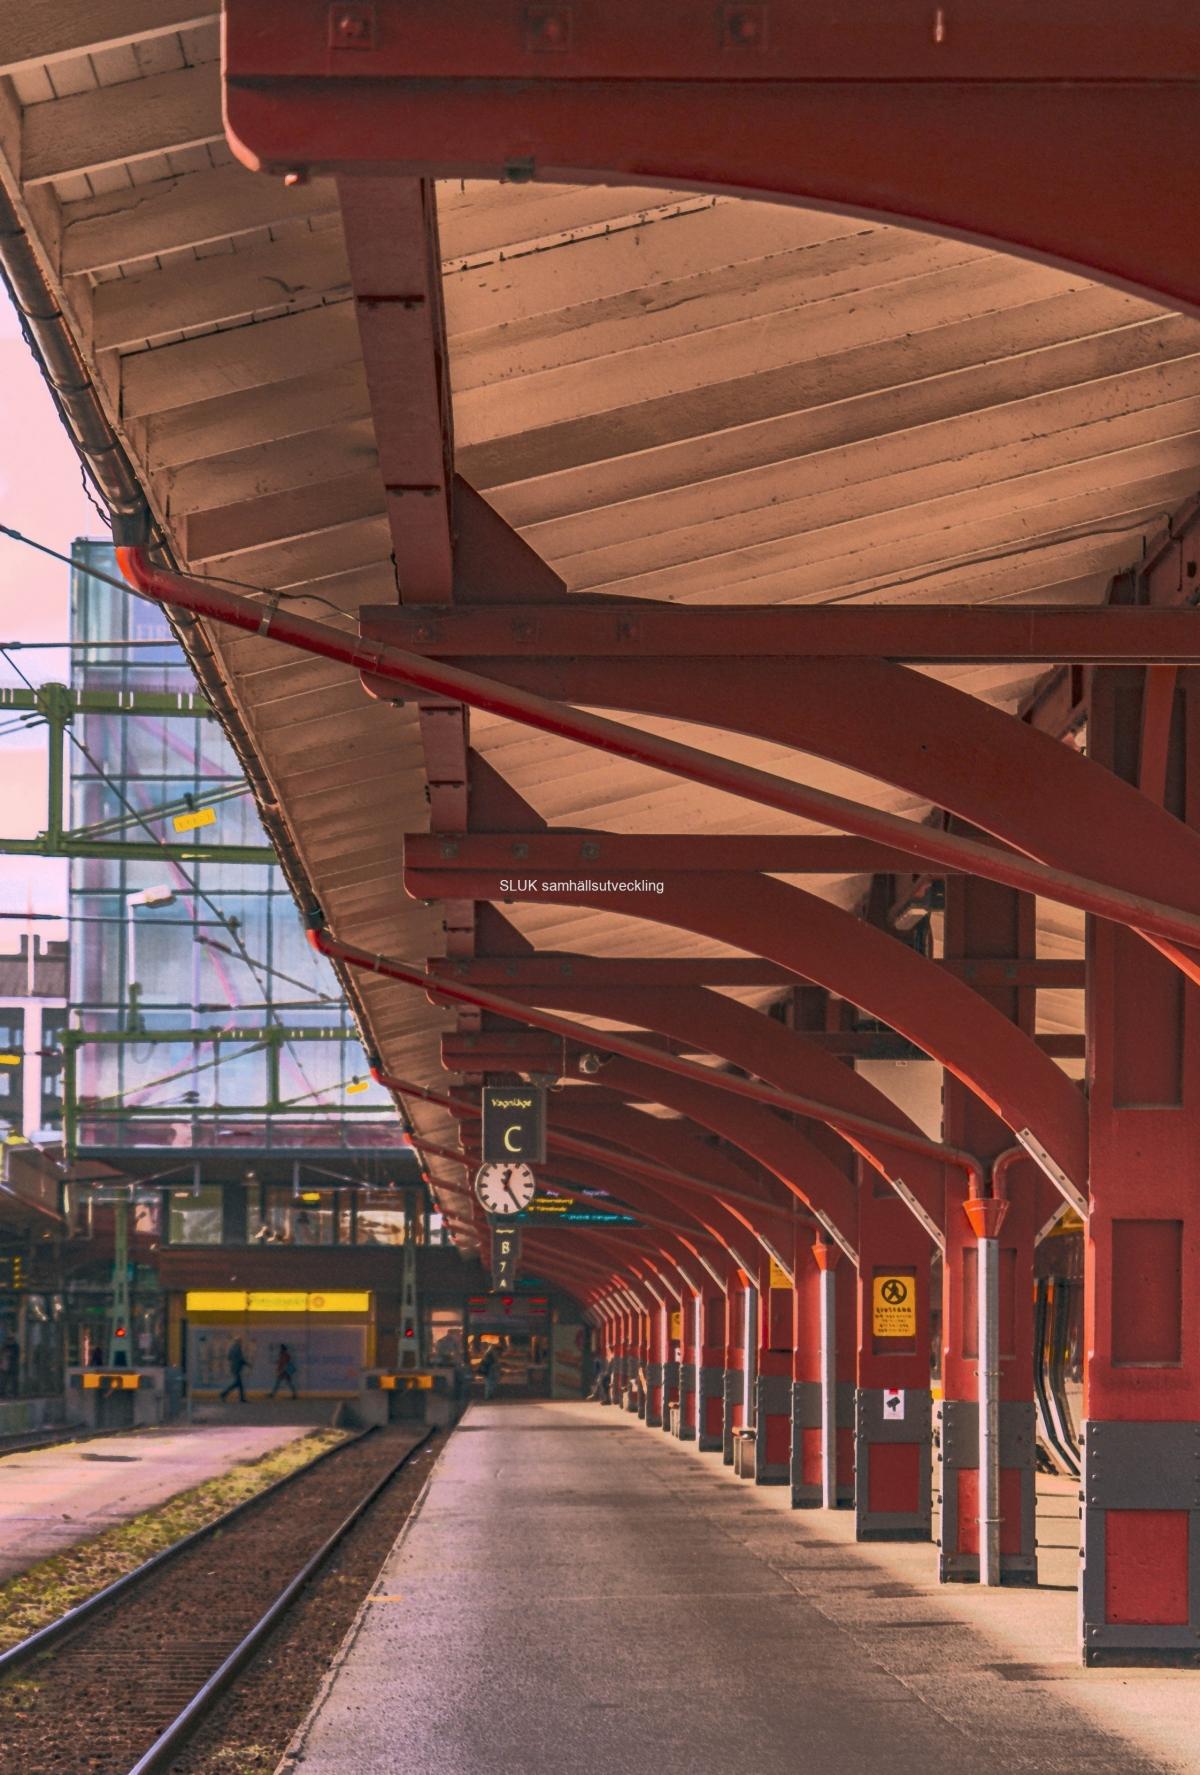 Här är en perrong mot stationen. Kommer perrongerna att bli kvar eller kommer de att byggas om när Västlänken  är klar?